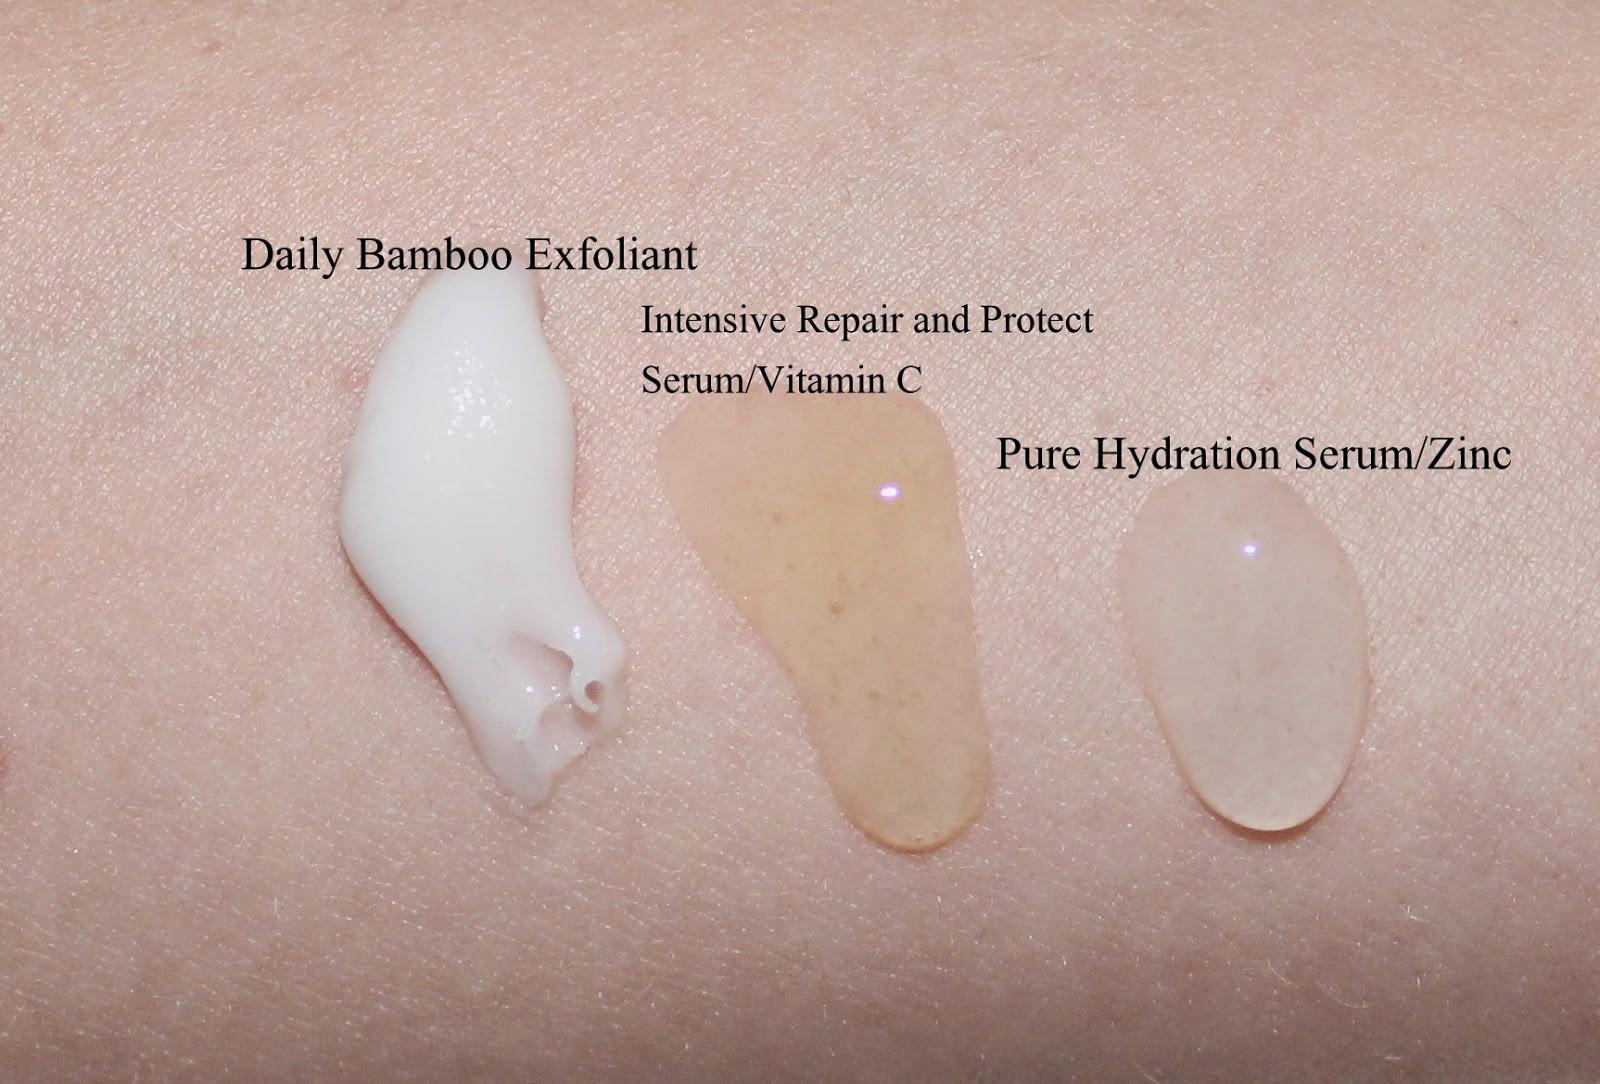 eraclea Unisex Skincare Regime